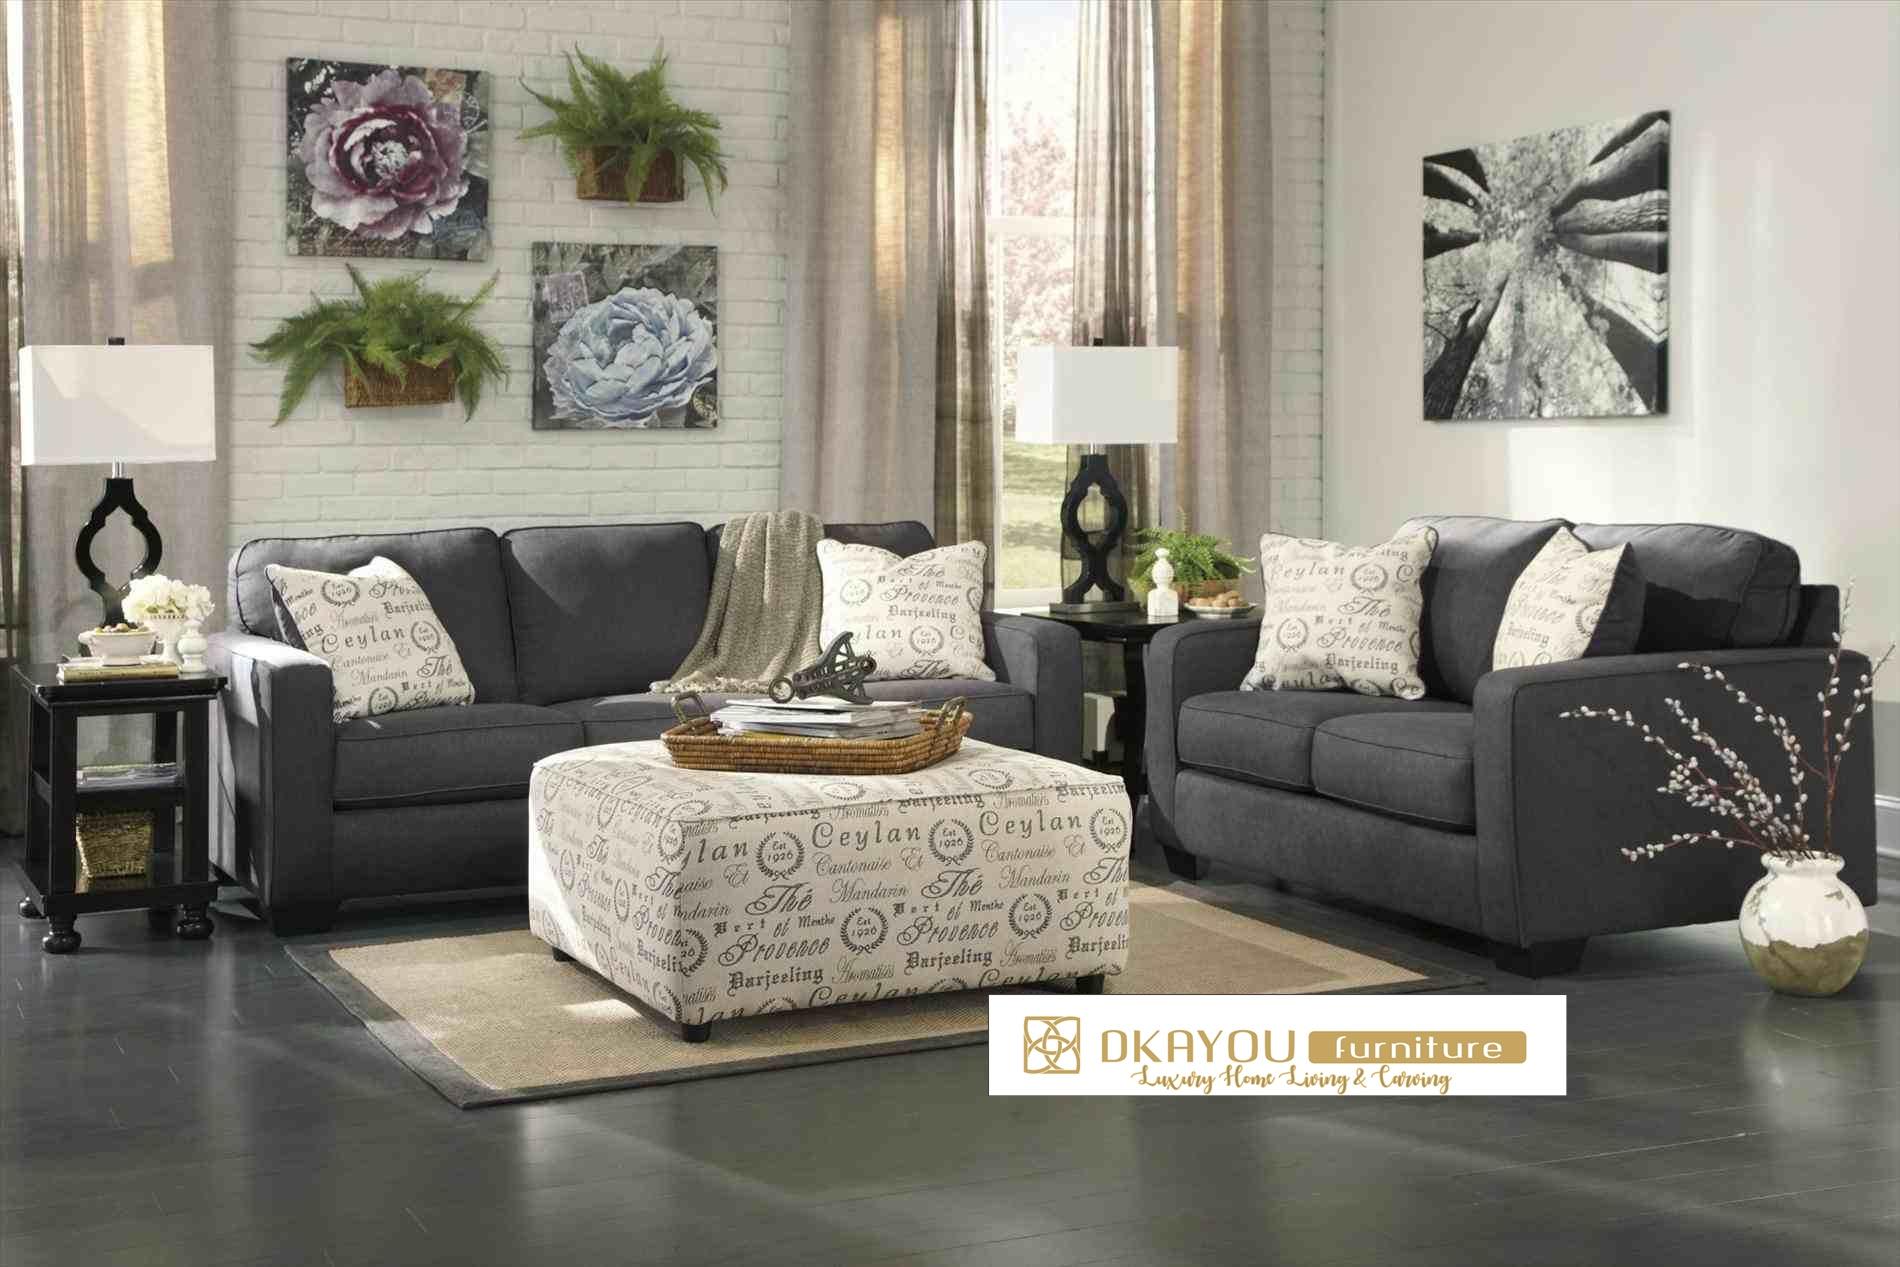 Set Kursi Sofa Tamu Minimalis Jepara Murah Dkayou Furniture Indonesia